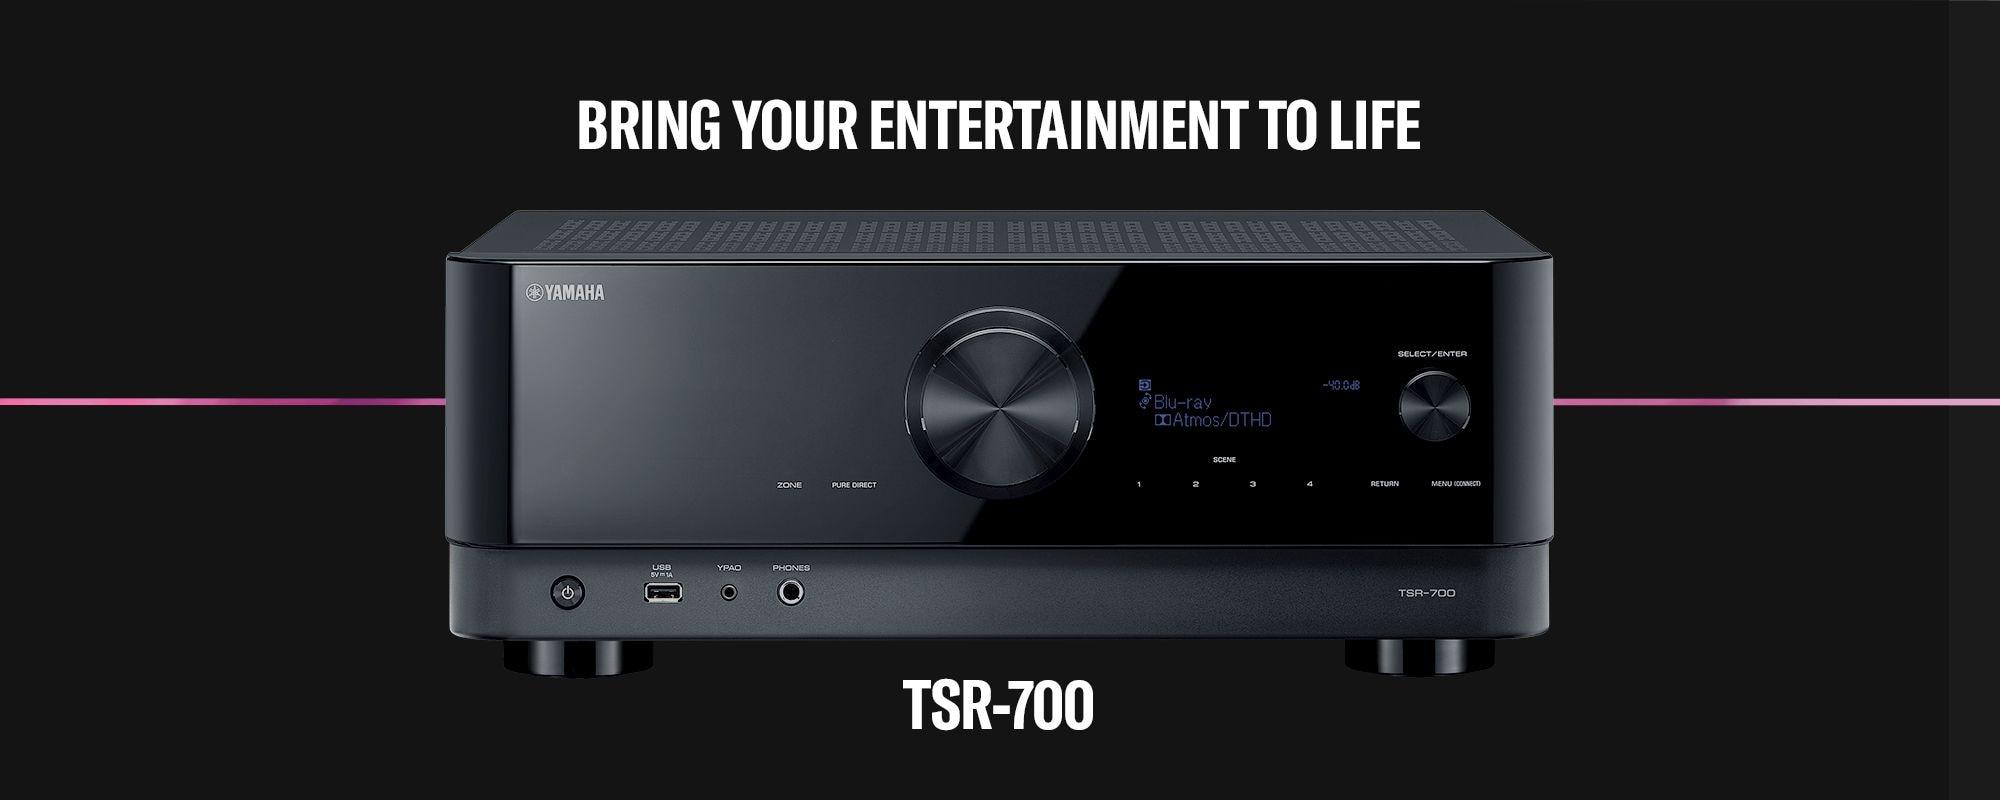 TSR-700 - Übersicht - AV-Receiver - Audio & Video - Produkte - Yamaha -  Deutschland